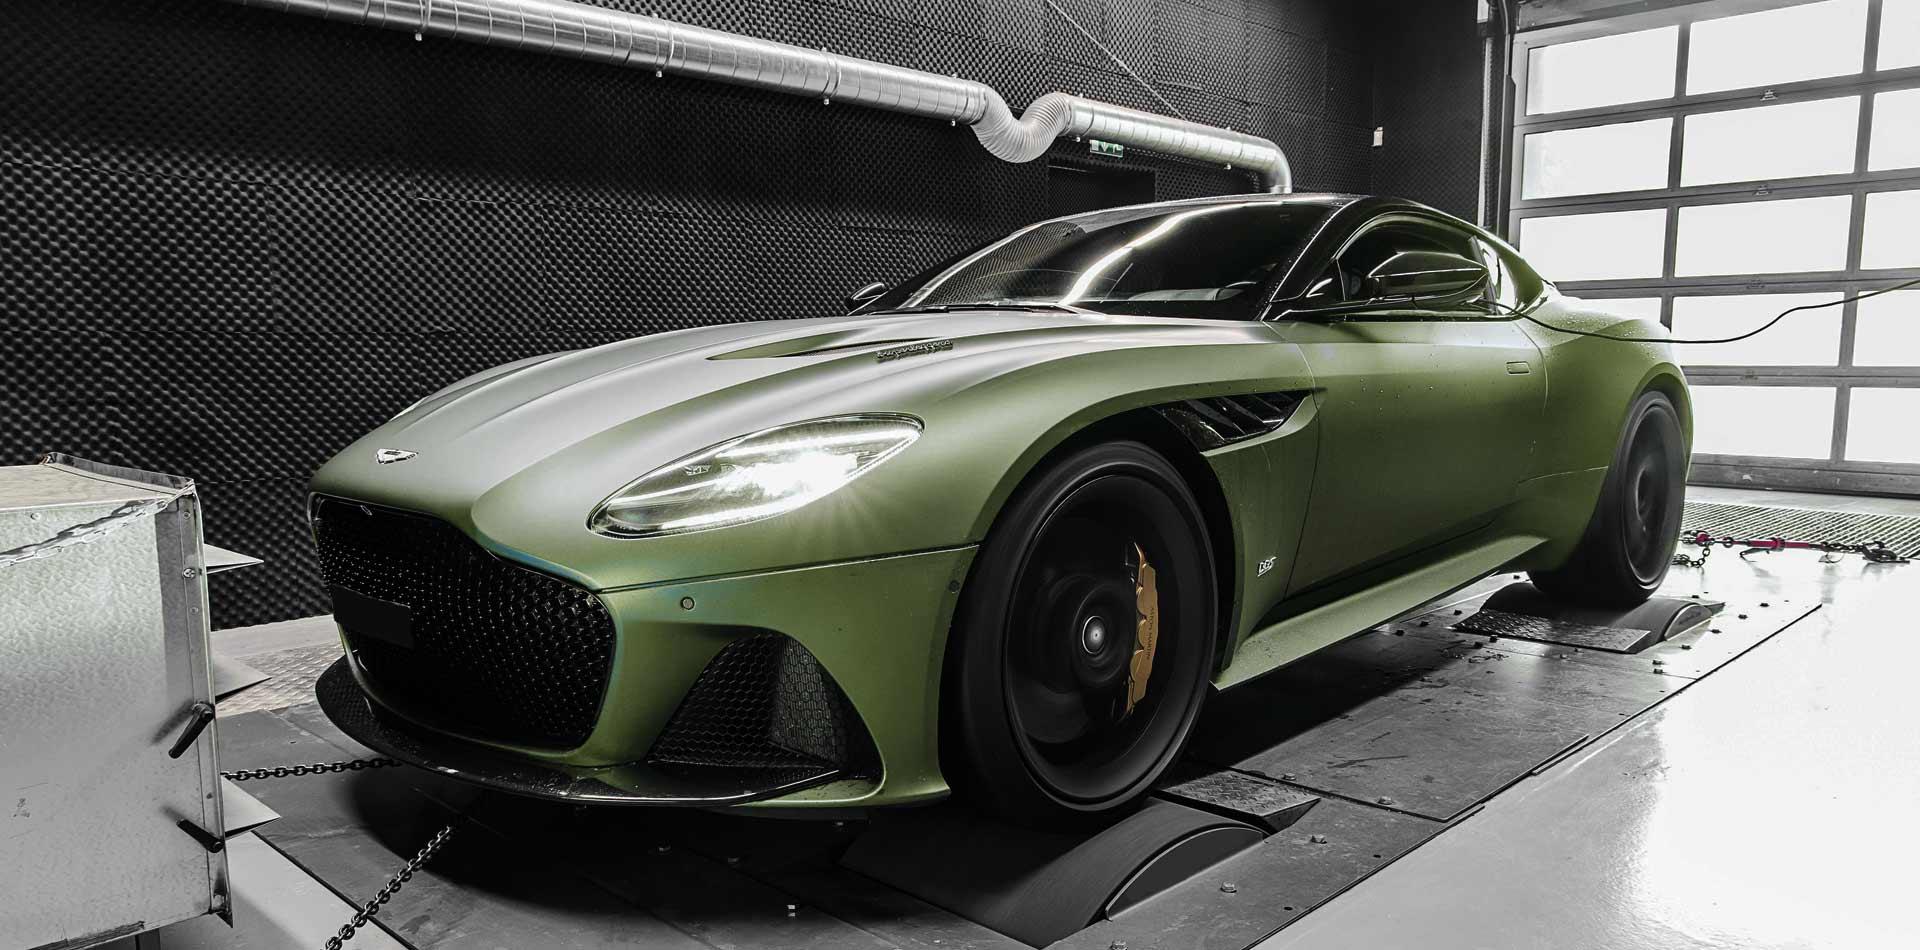 Aston Martin DBS Superleggera Leistungssteigerung